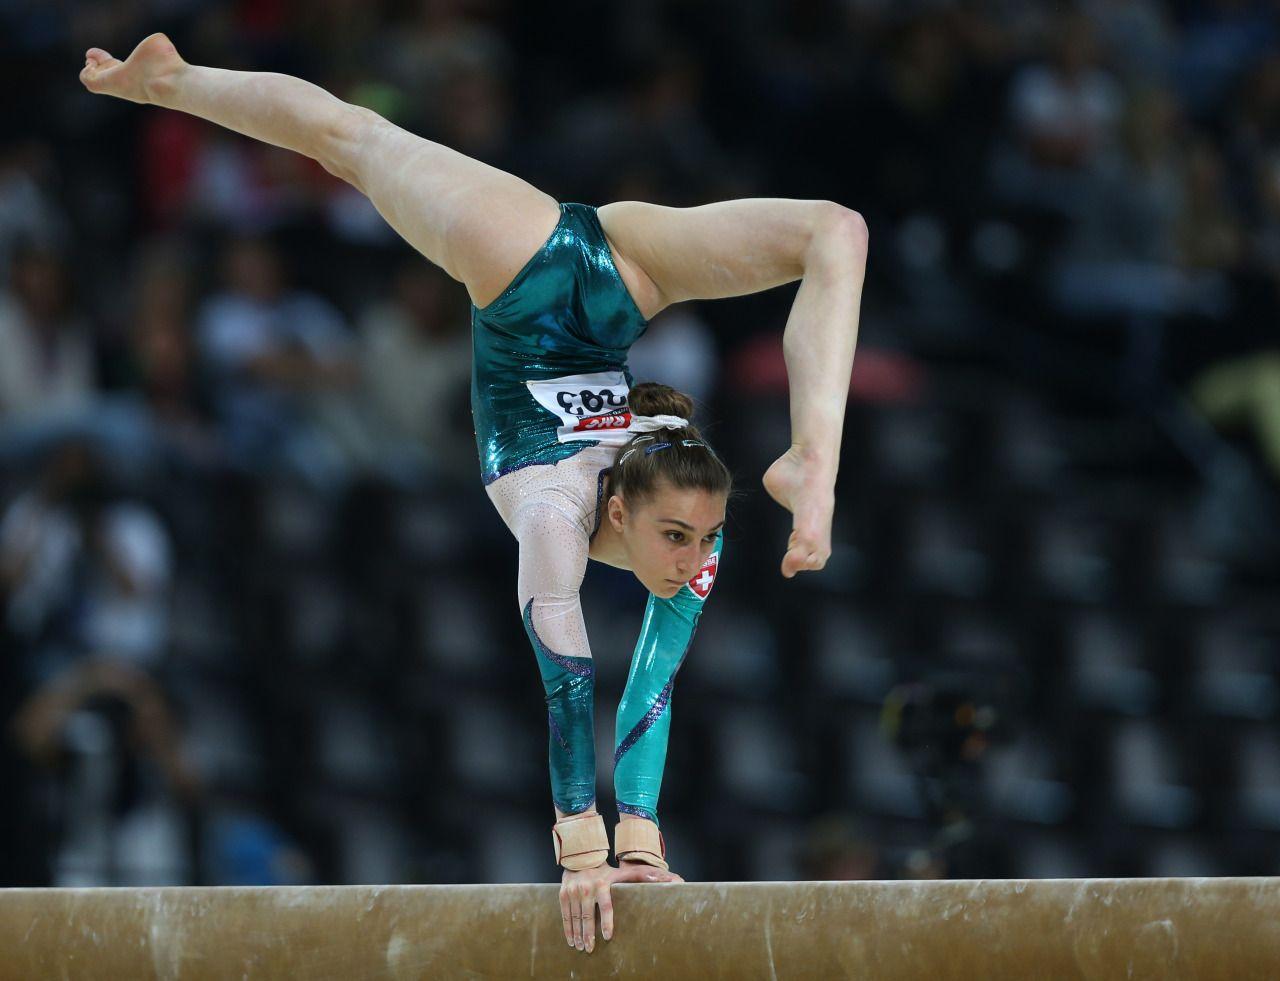 Winwin gymnastics - The Gymnastics Nerd